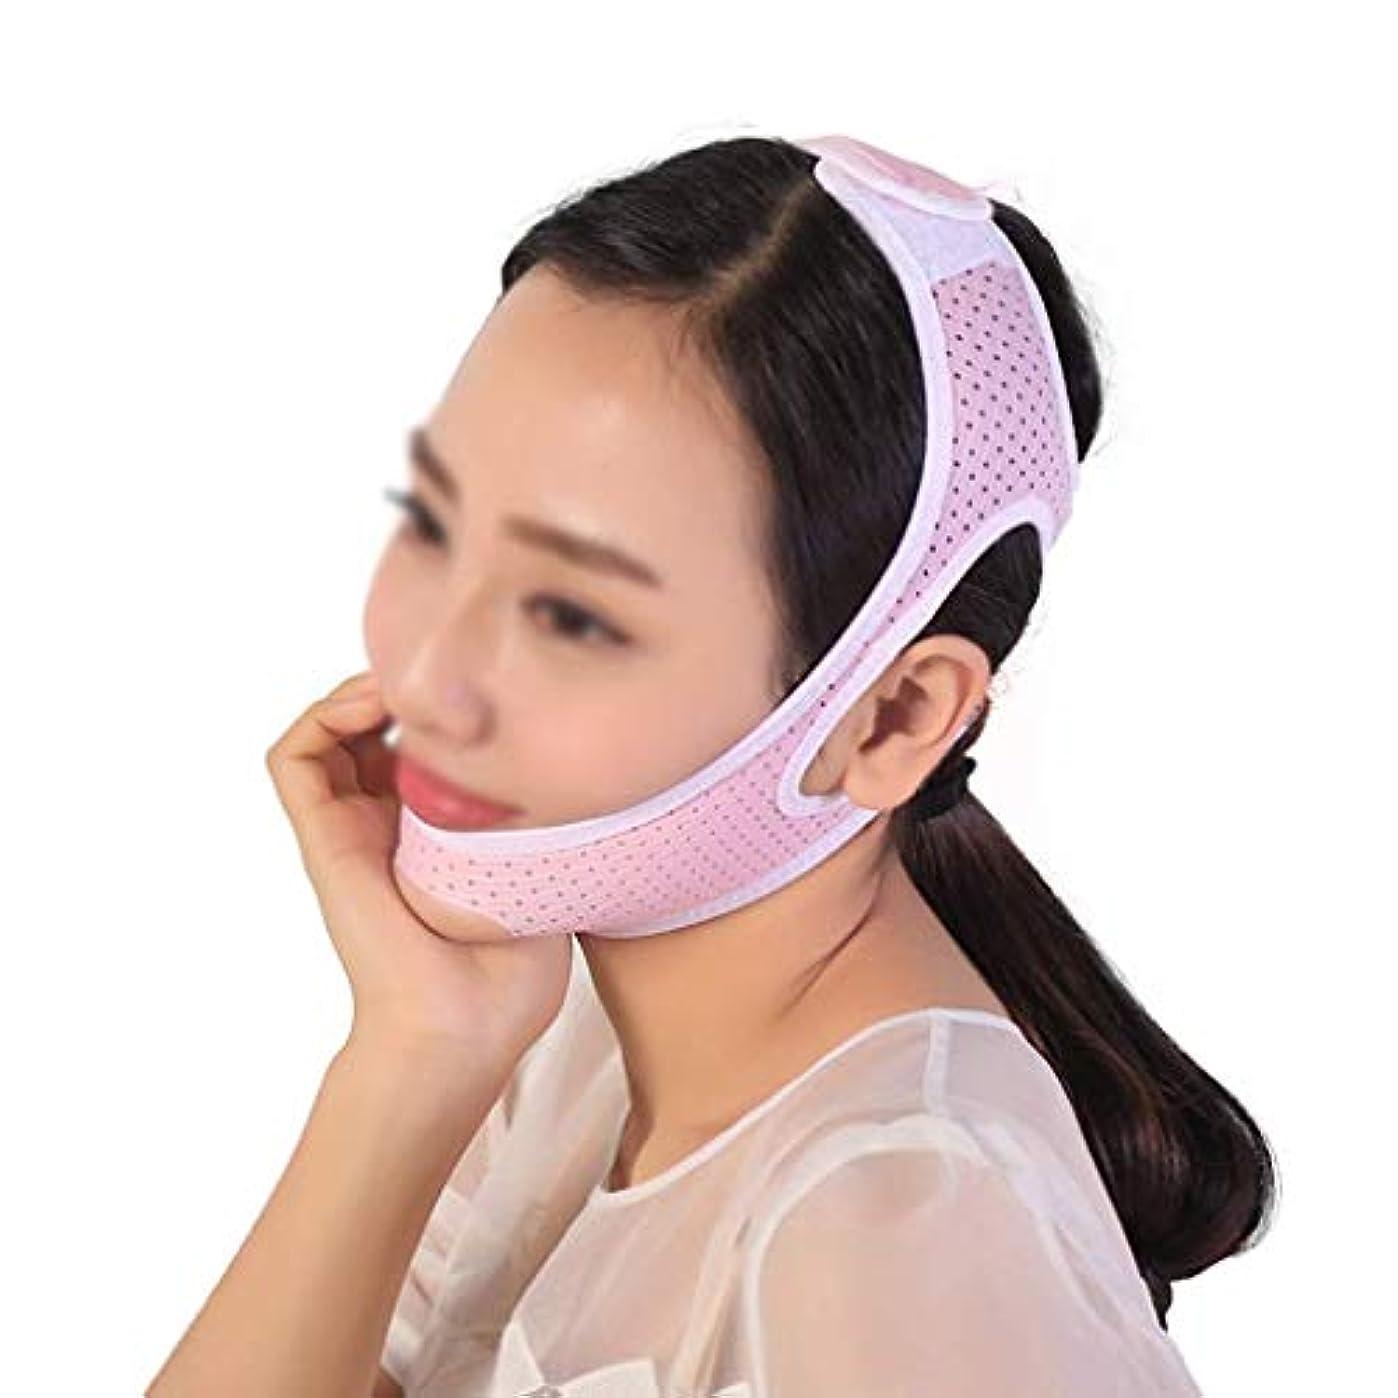 ビン高音テレビを見るフェイスリフトマスク、顔の皮膚の首のあごのラインを改善、リフトフェイス、細い頬マスク、細いチンチーク細いV(ピンク)(サイズ:M),L